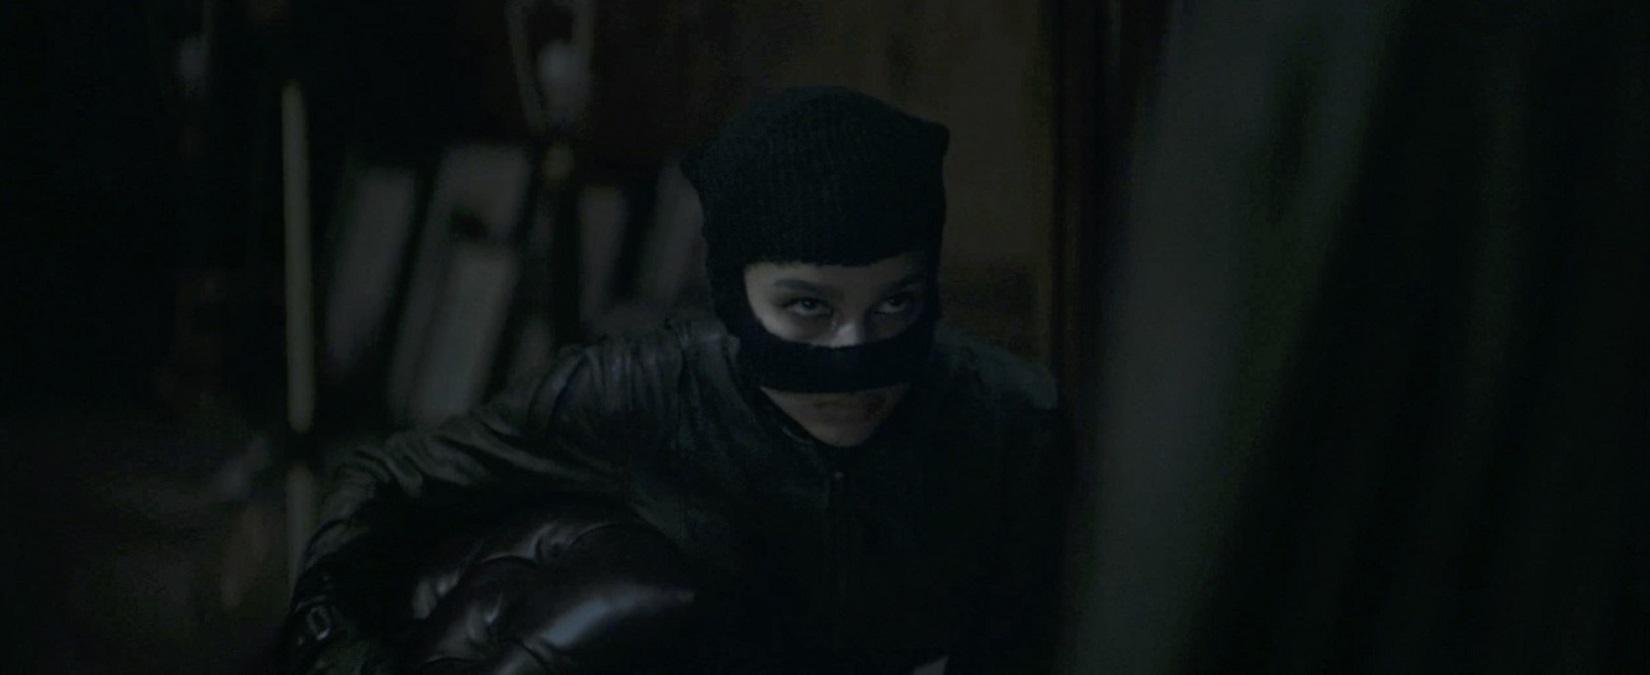 The Batman Trailer Reveals Zoe Kravitz as Catwoman   Den of Geek